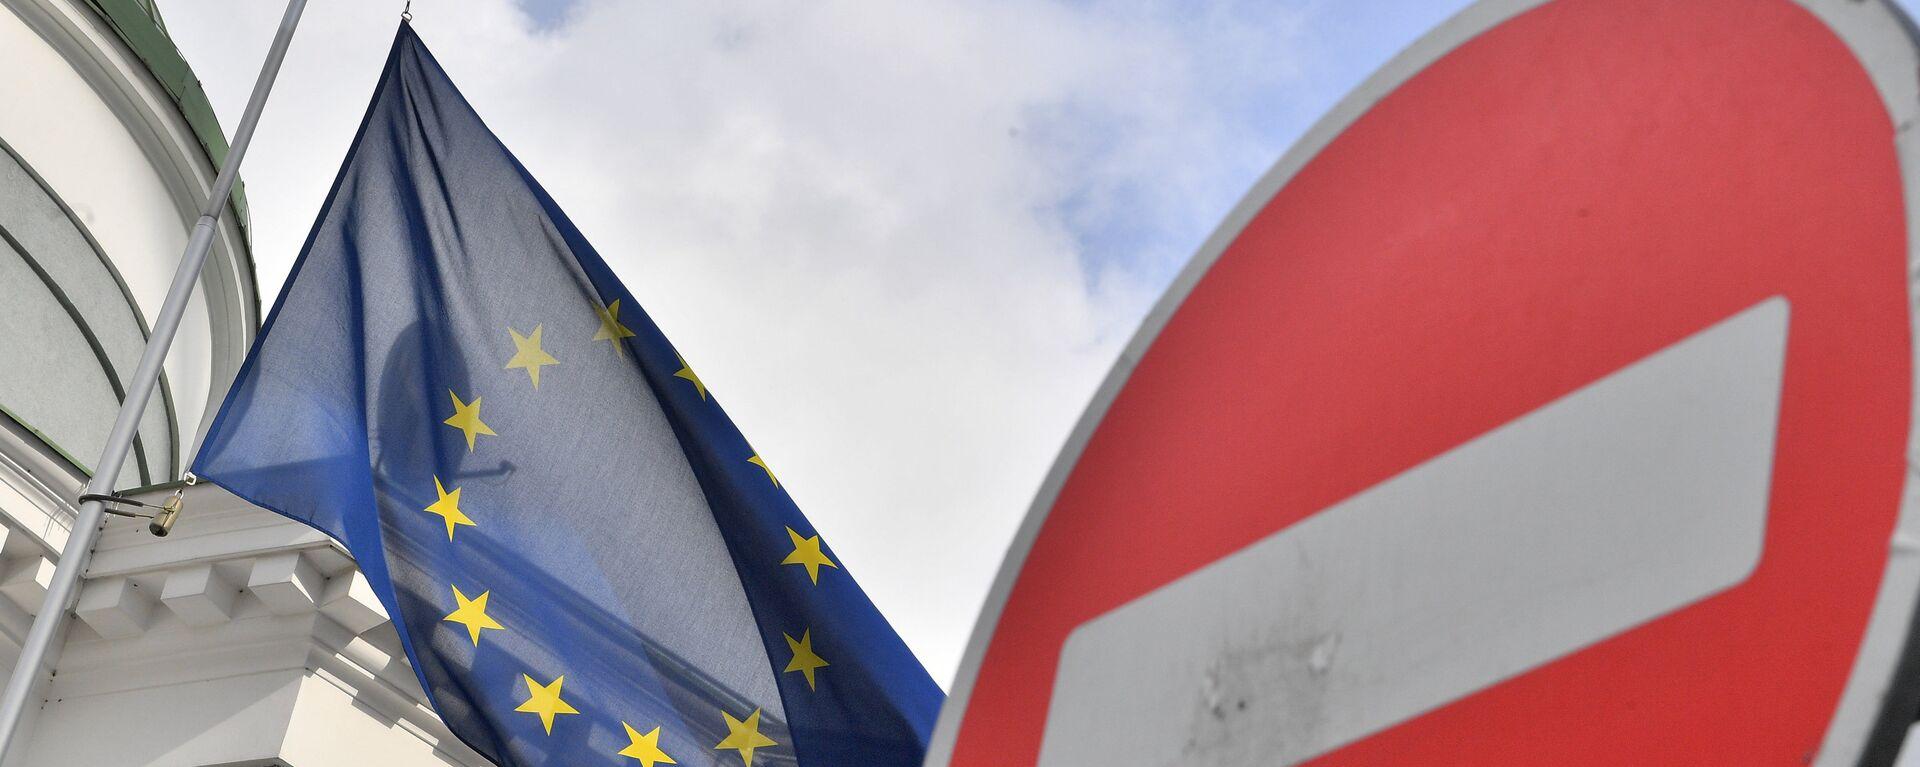 Застава ЕУ испред представништва Европске уније у Москви - Sputnik Србија, 1920, 29.09.2021